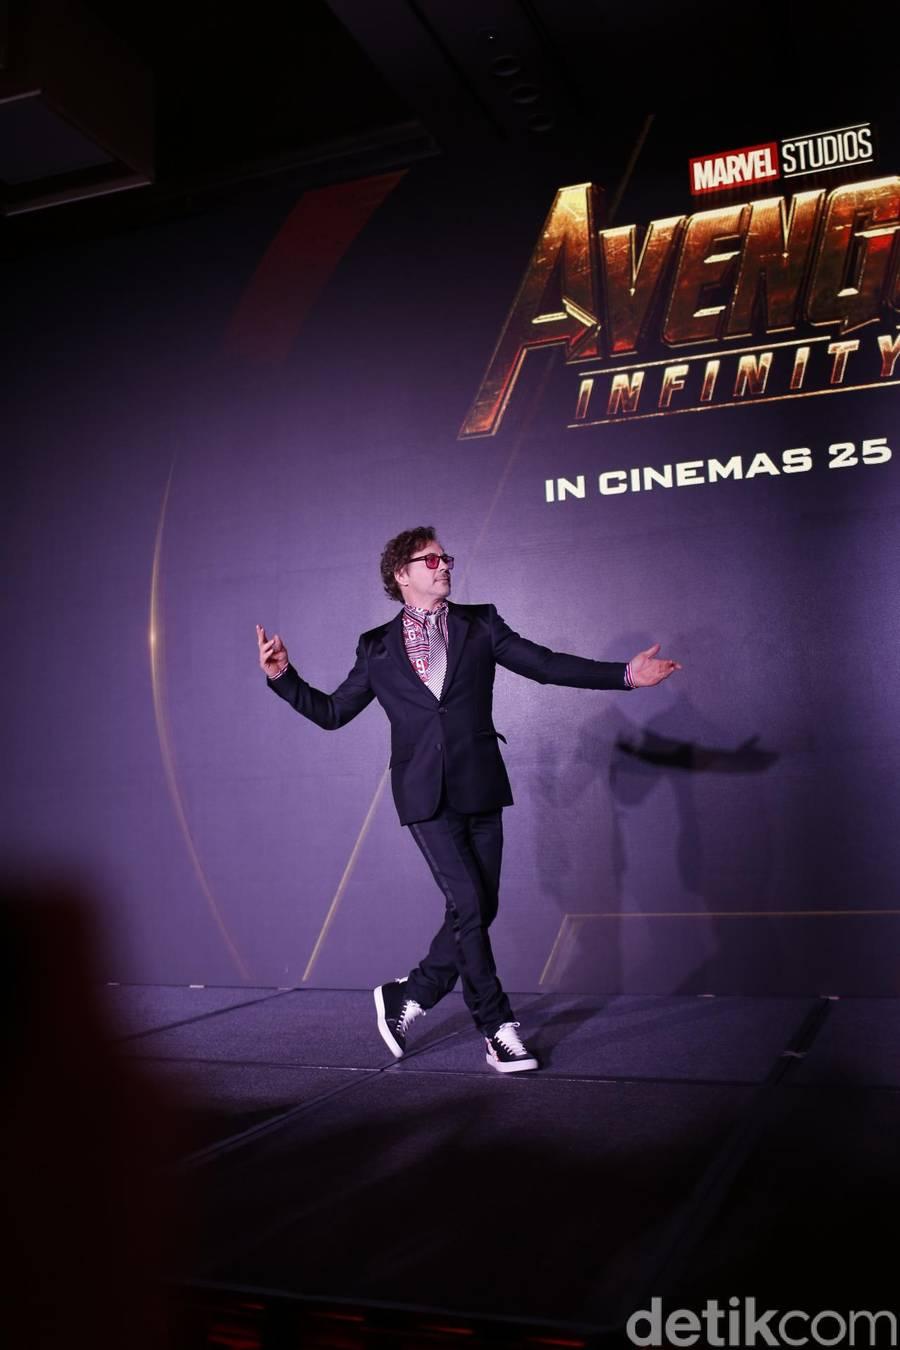 Aksi Konyol Robert Downey Saat Jumpa Pers Avengers